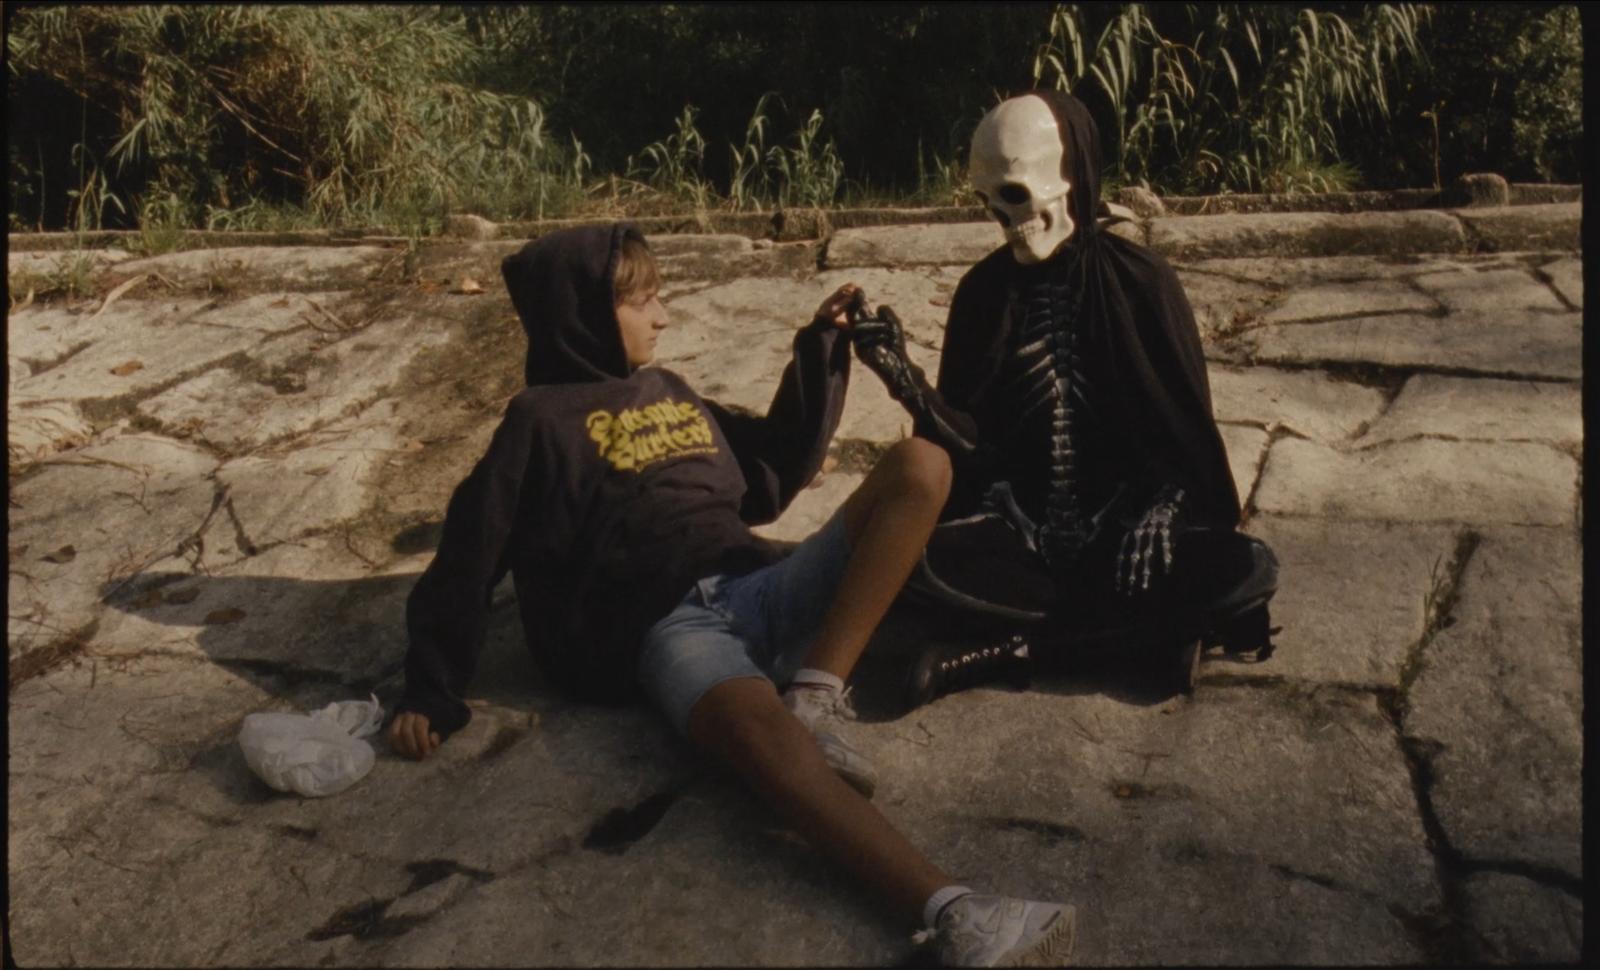 Hacerse el muerto (Playing Dead)